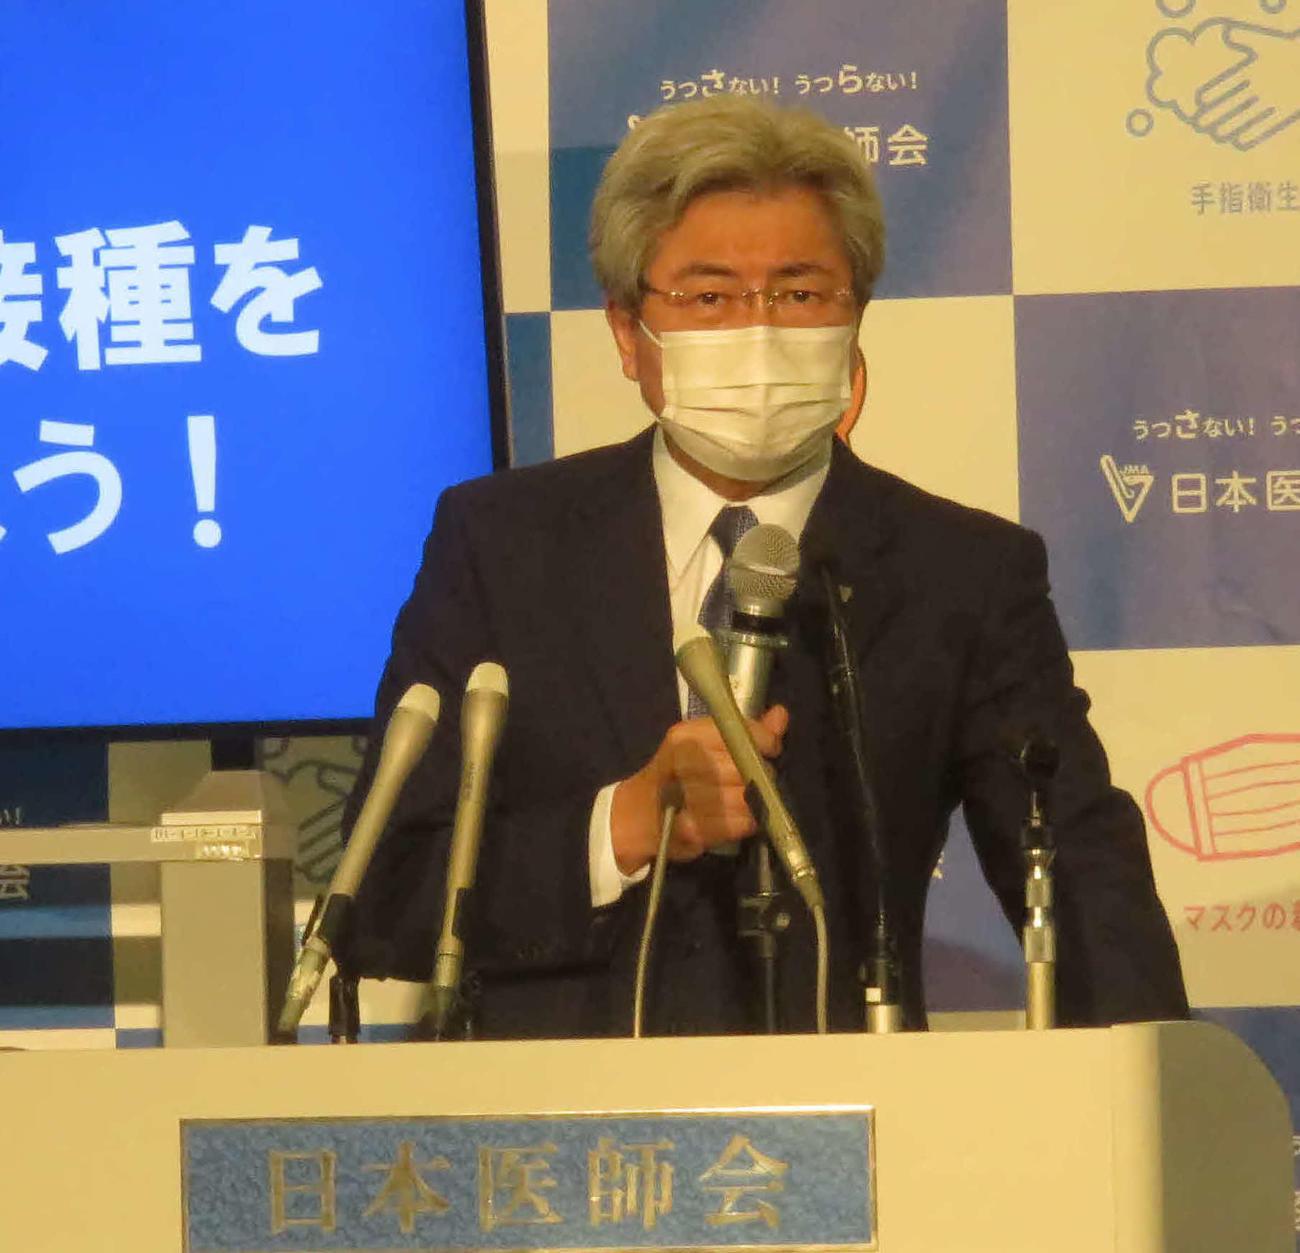 日本医師会の中川俊男会長は会見で早急な緊急事態宣言の発令を訴えた(撮影・大上悟)